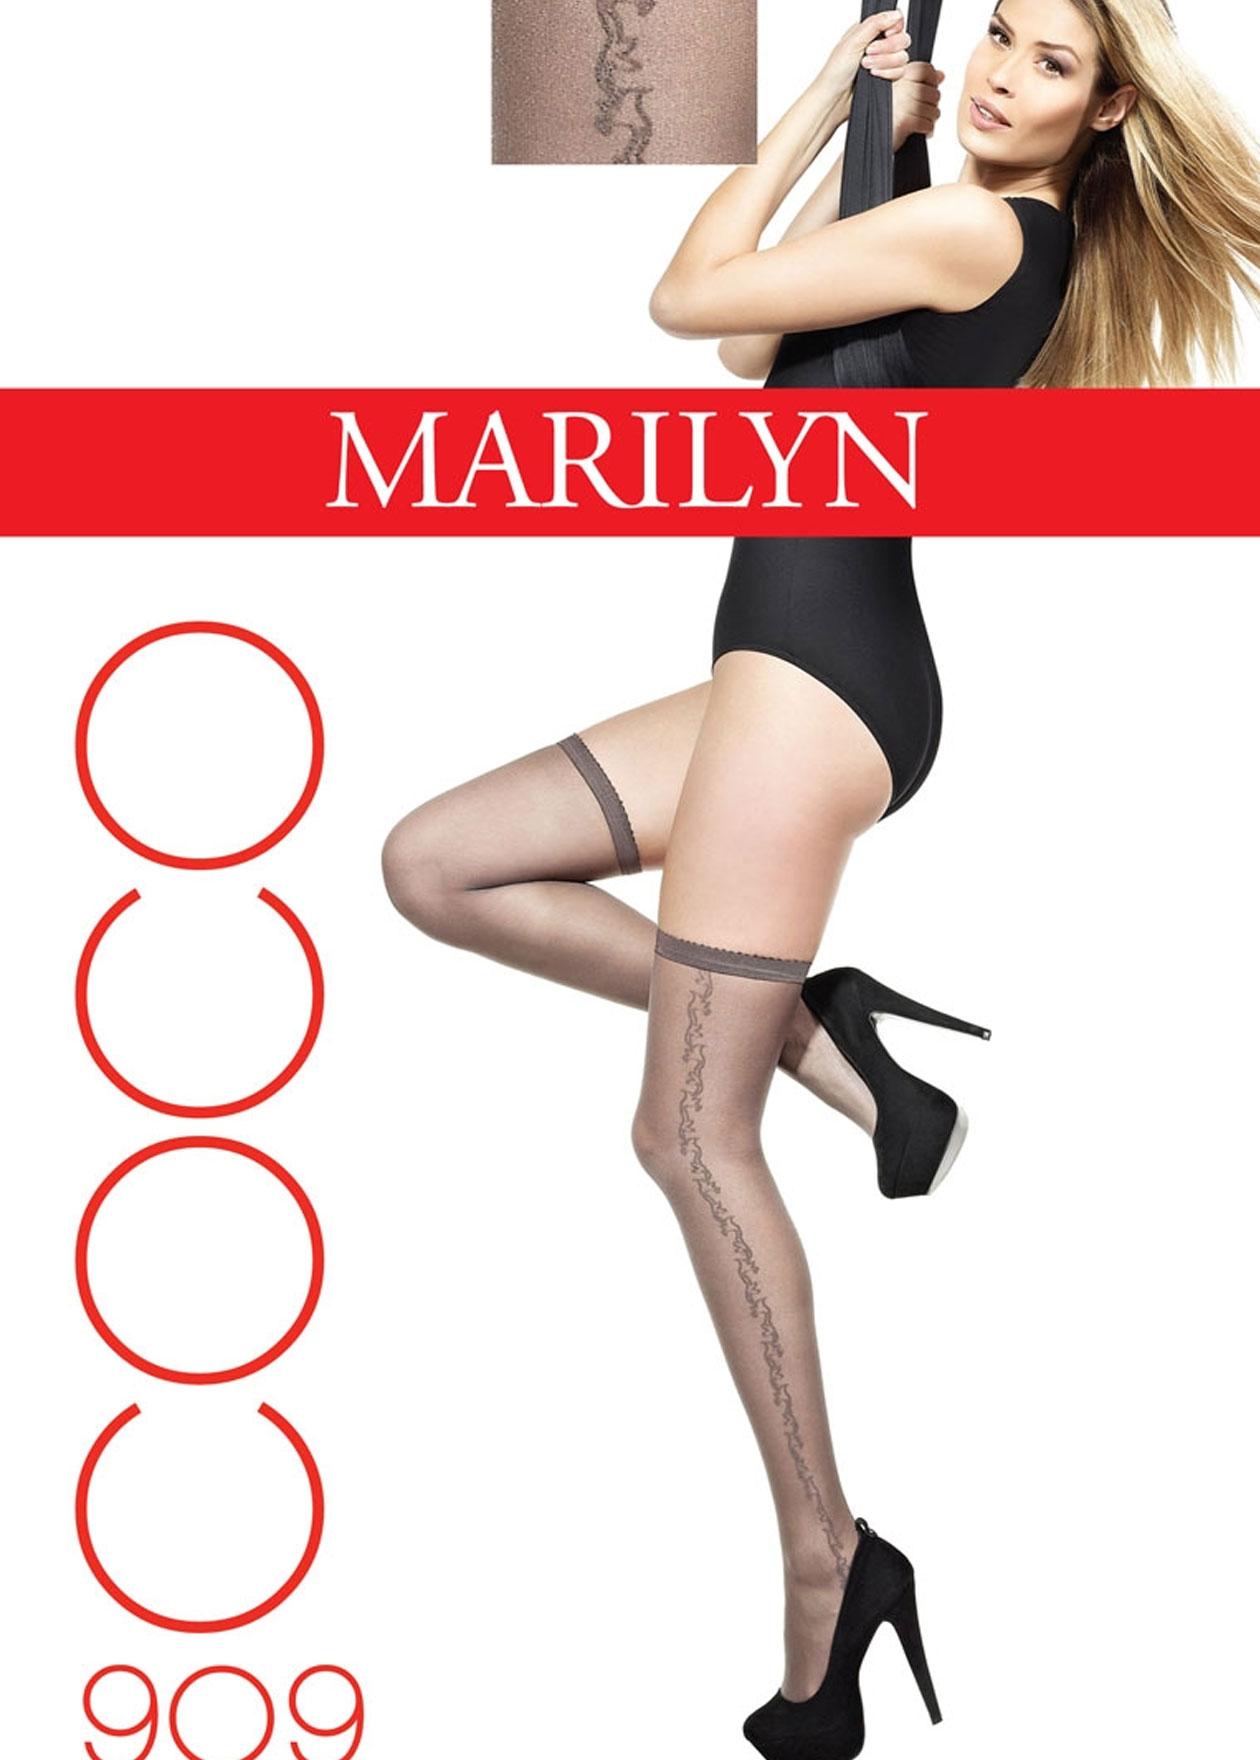 Marilyn Coco 909